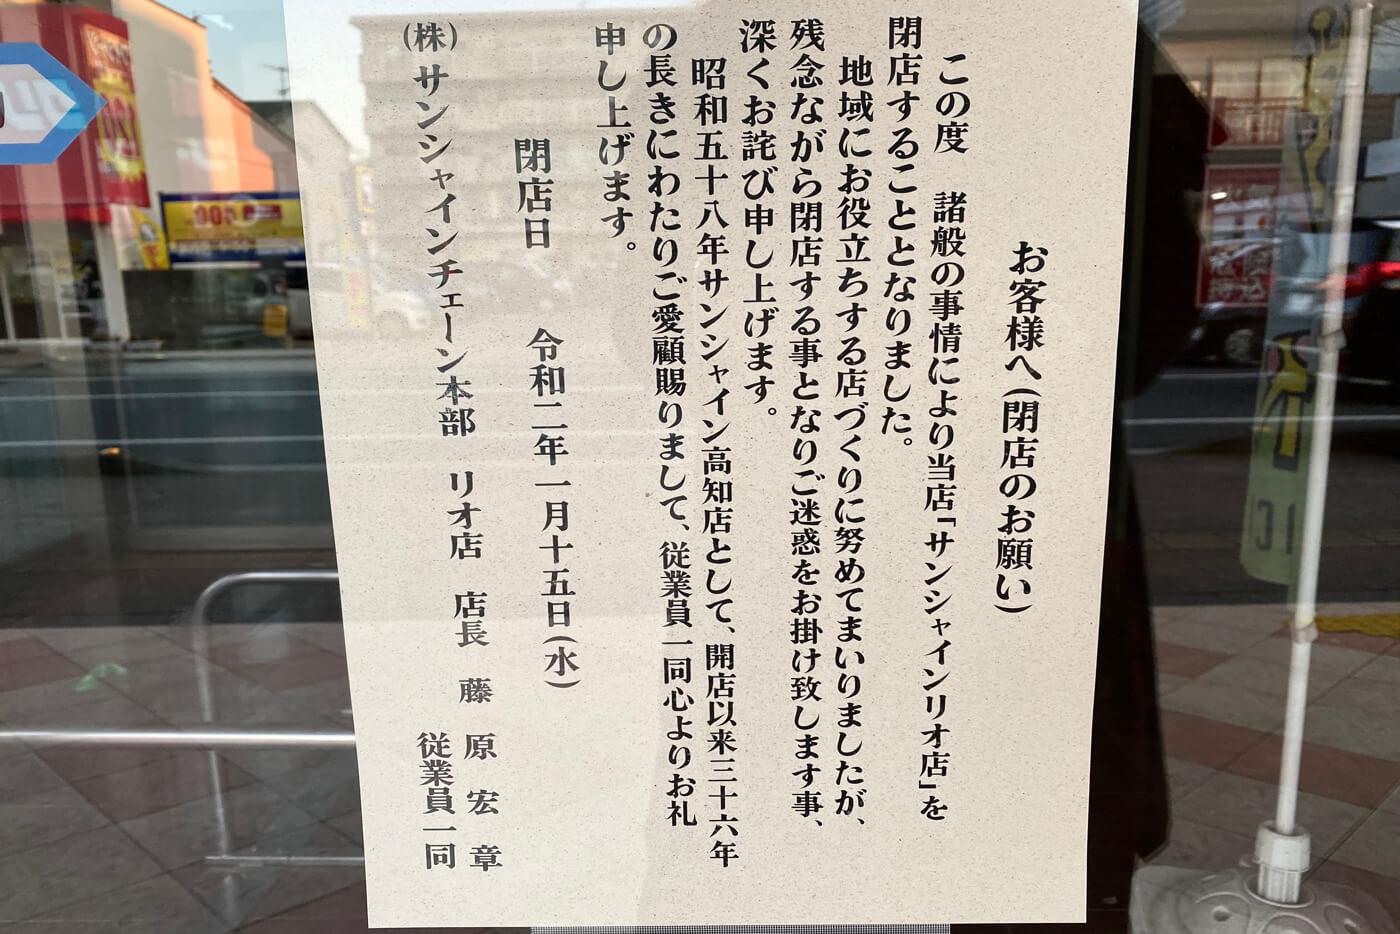 サンシャインリオ店先に貼られた閉店のお知らせ